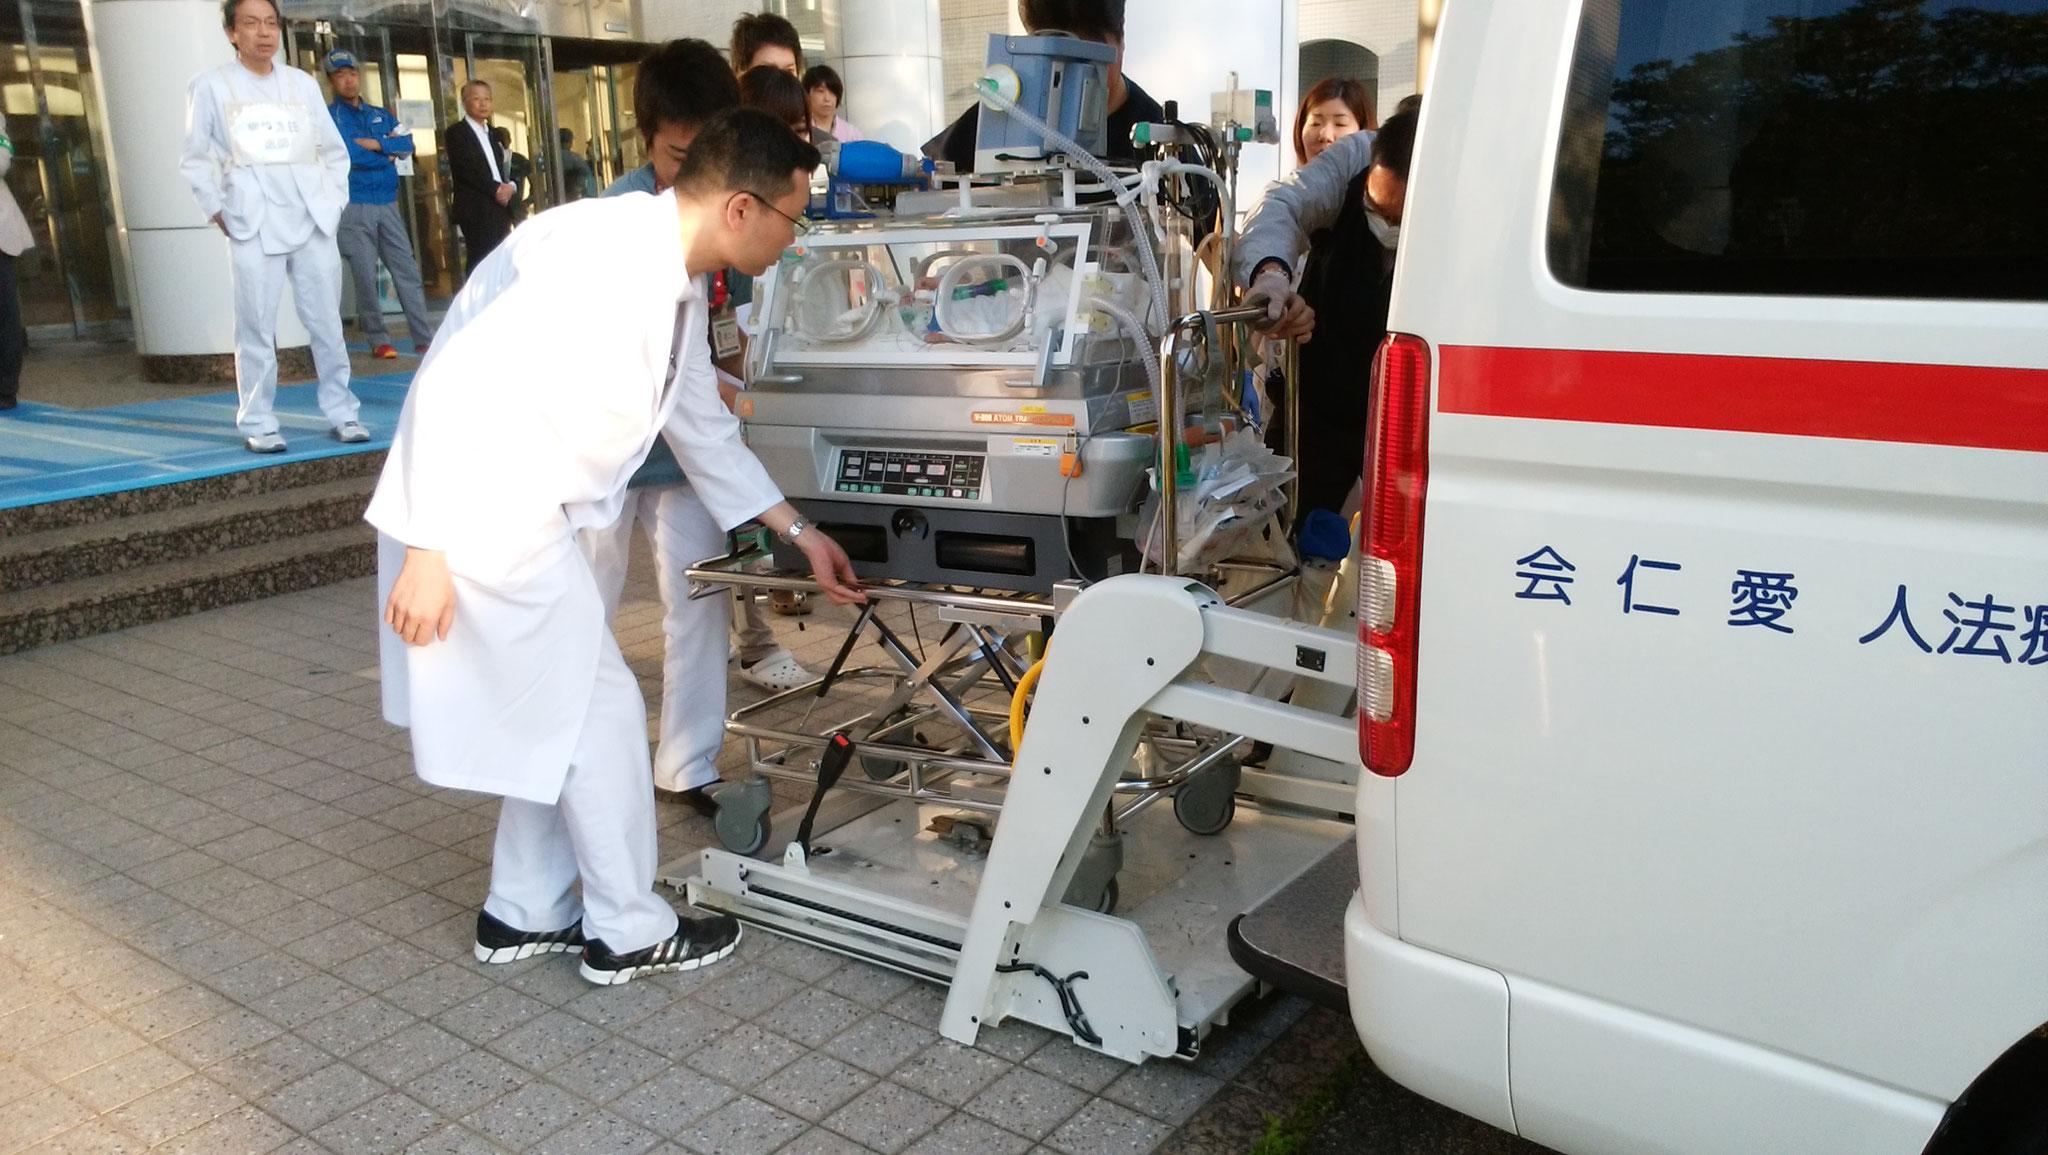 新生未熟児が千船病院(大阪府)の救急車に乗車中